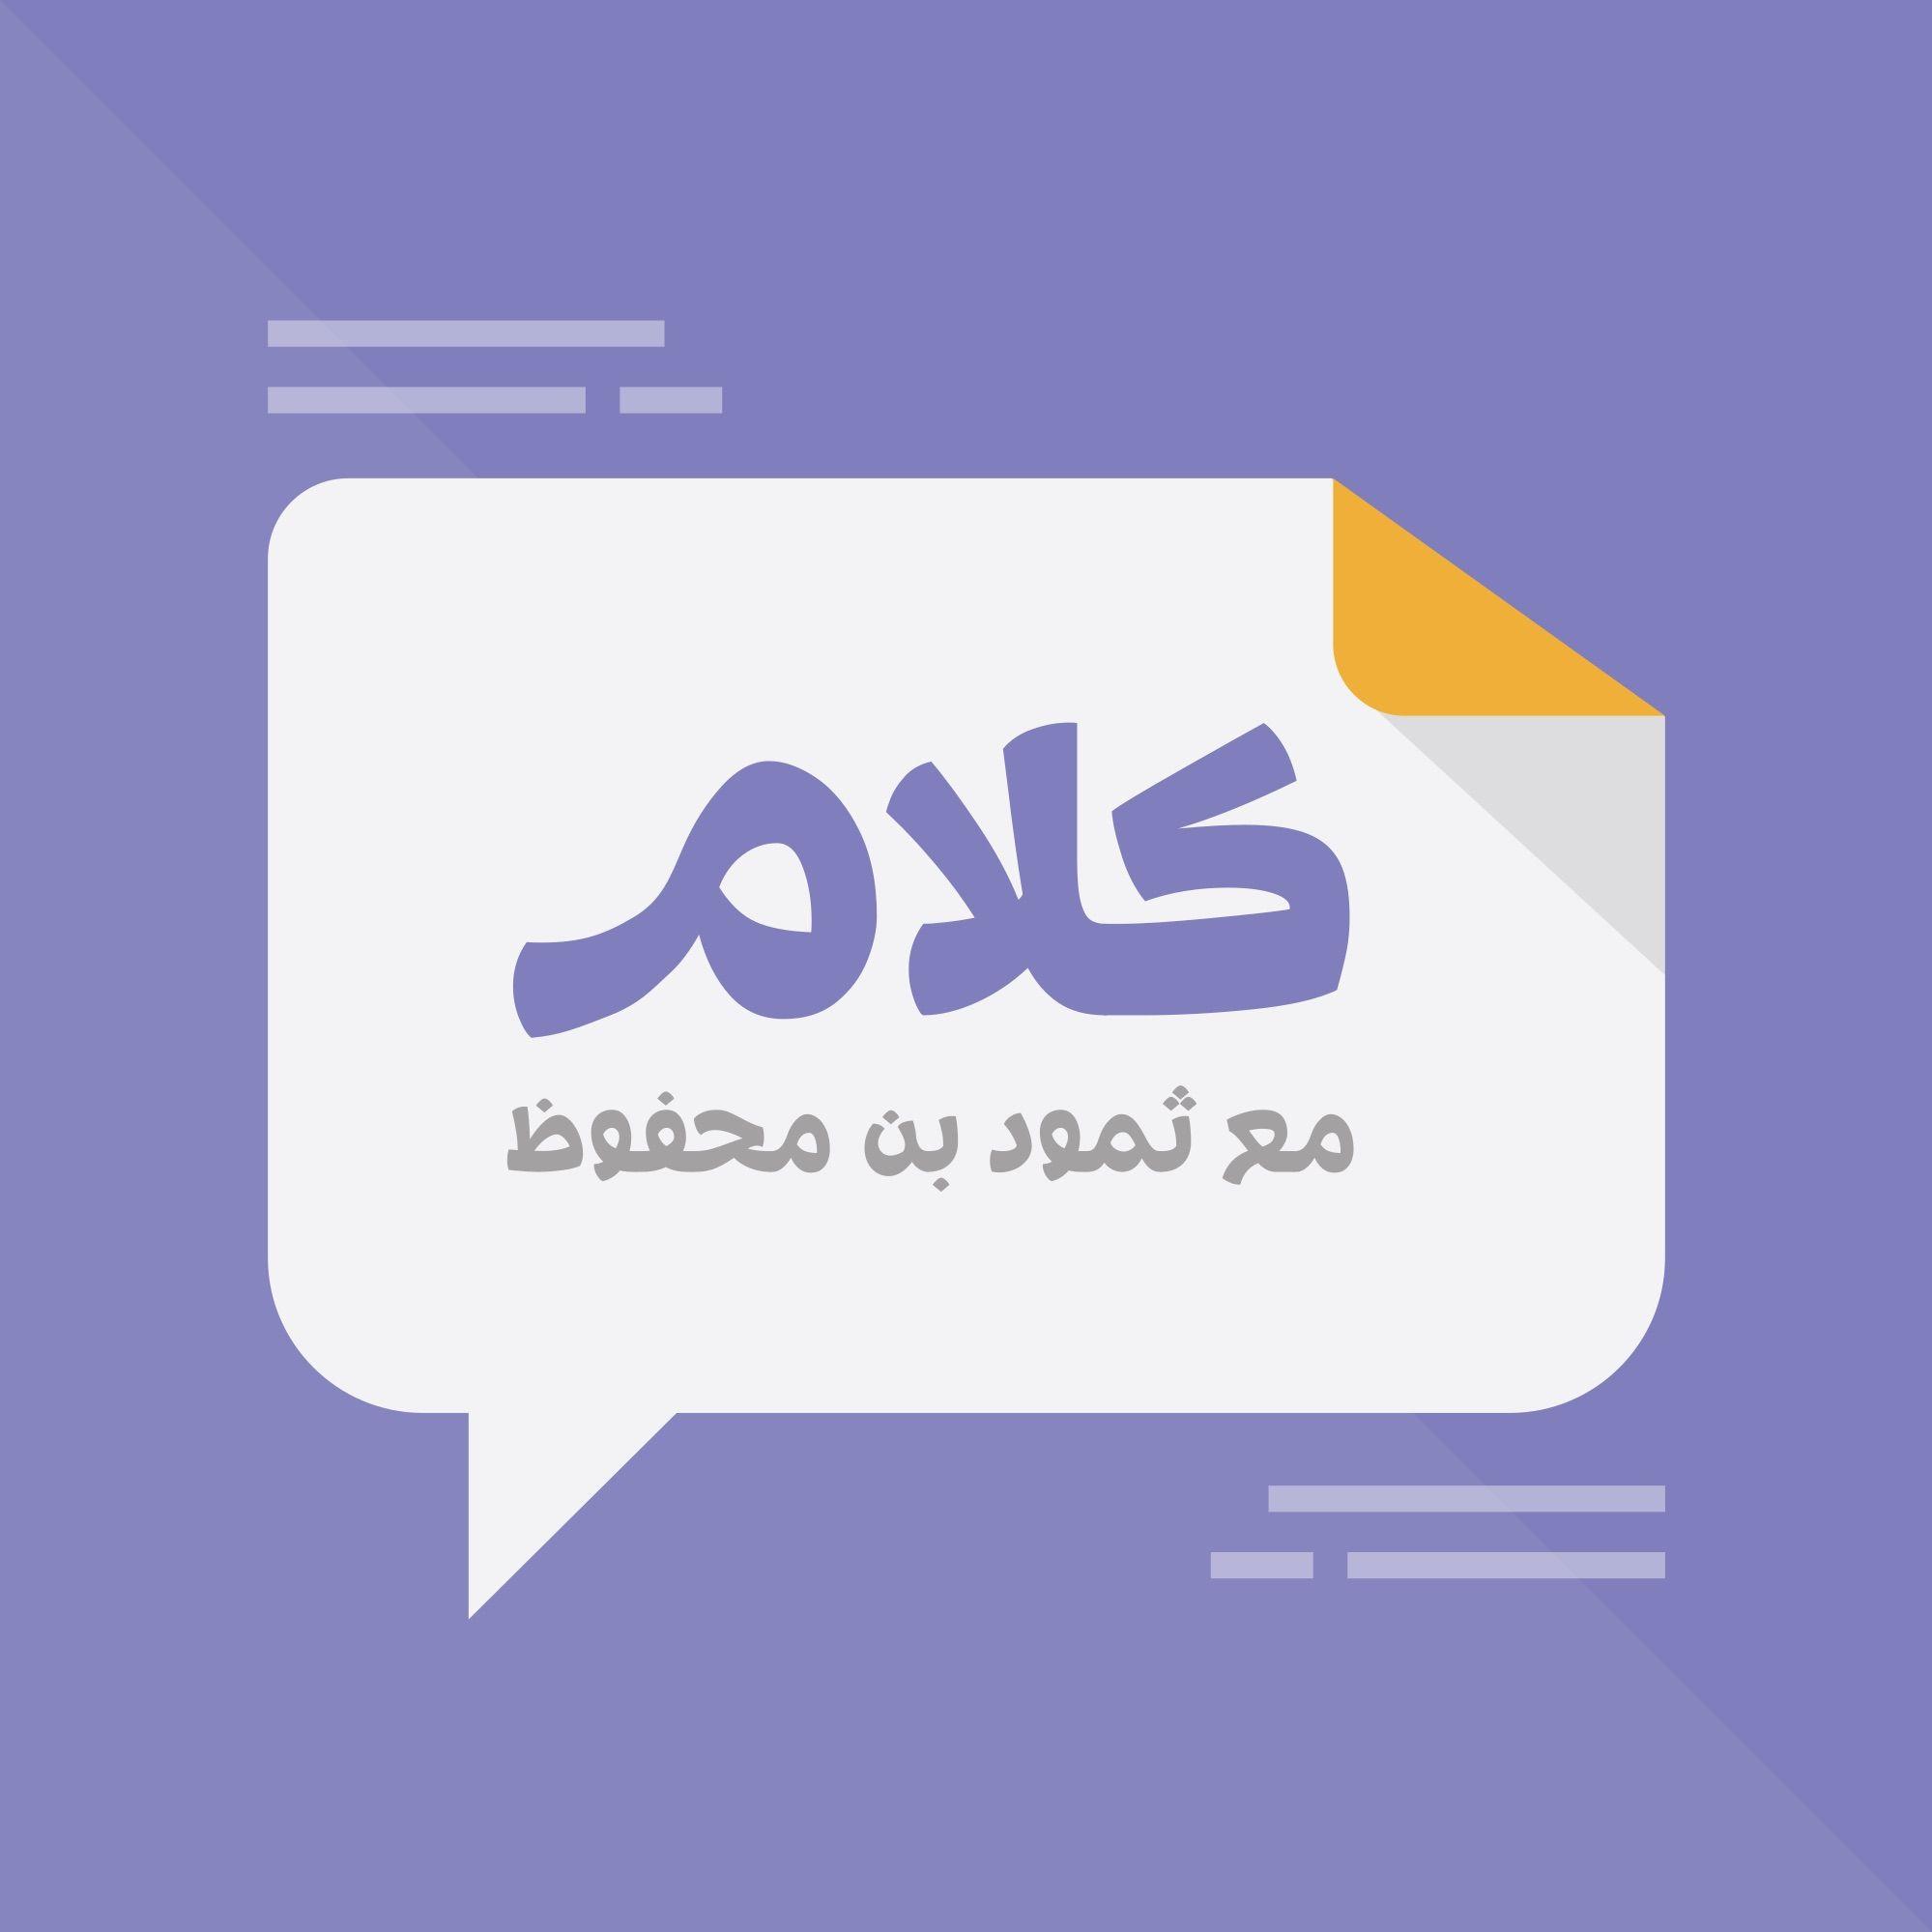 كلام 73: جهاد العمري من الأحياء الدقيقة إلى صناعة المحتوى